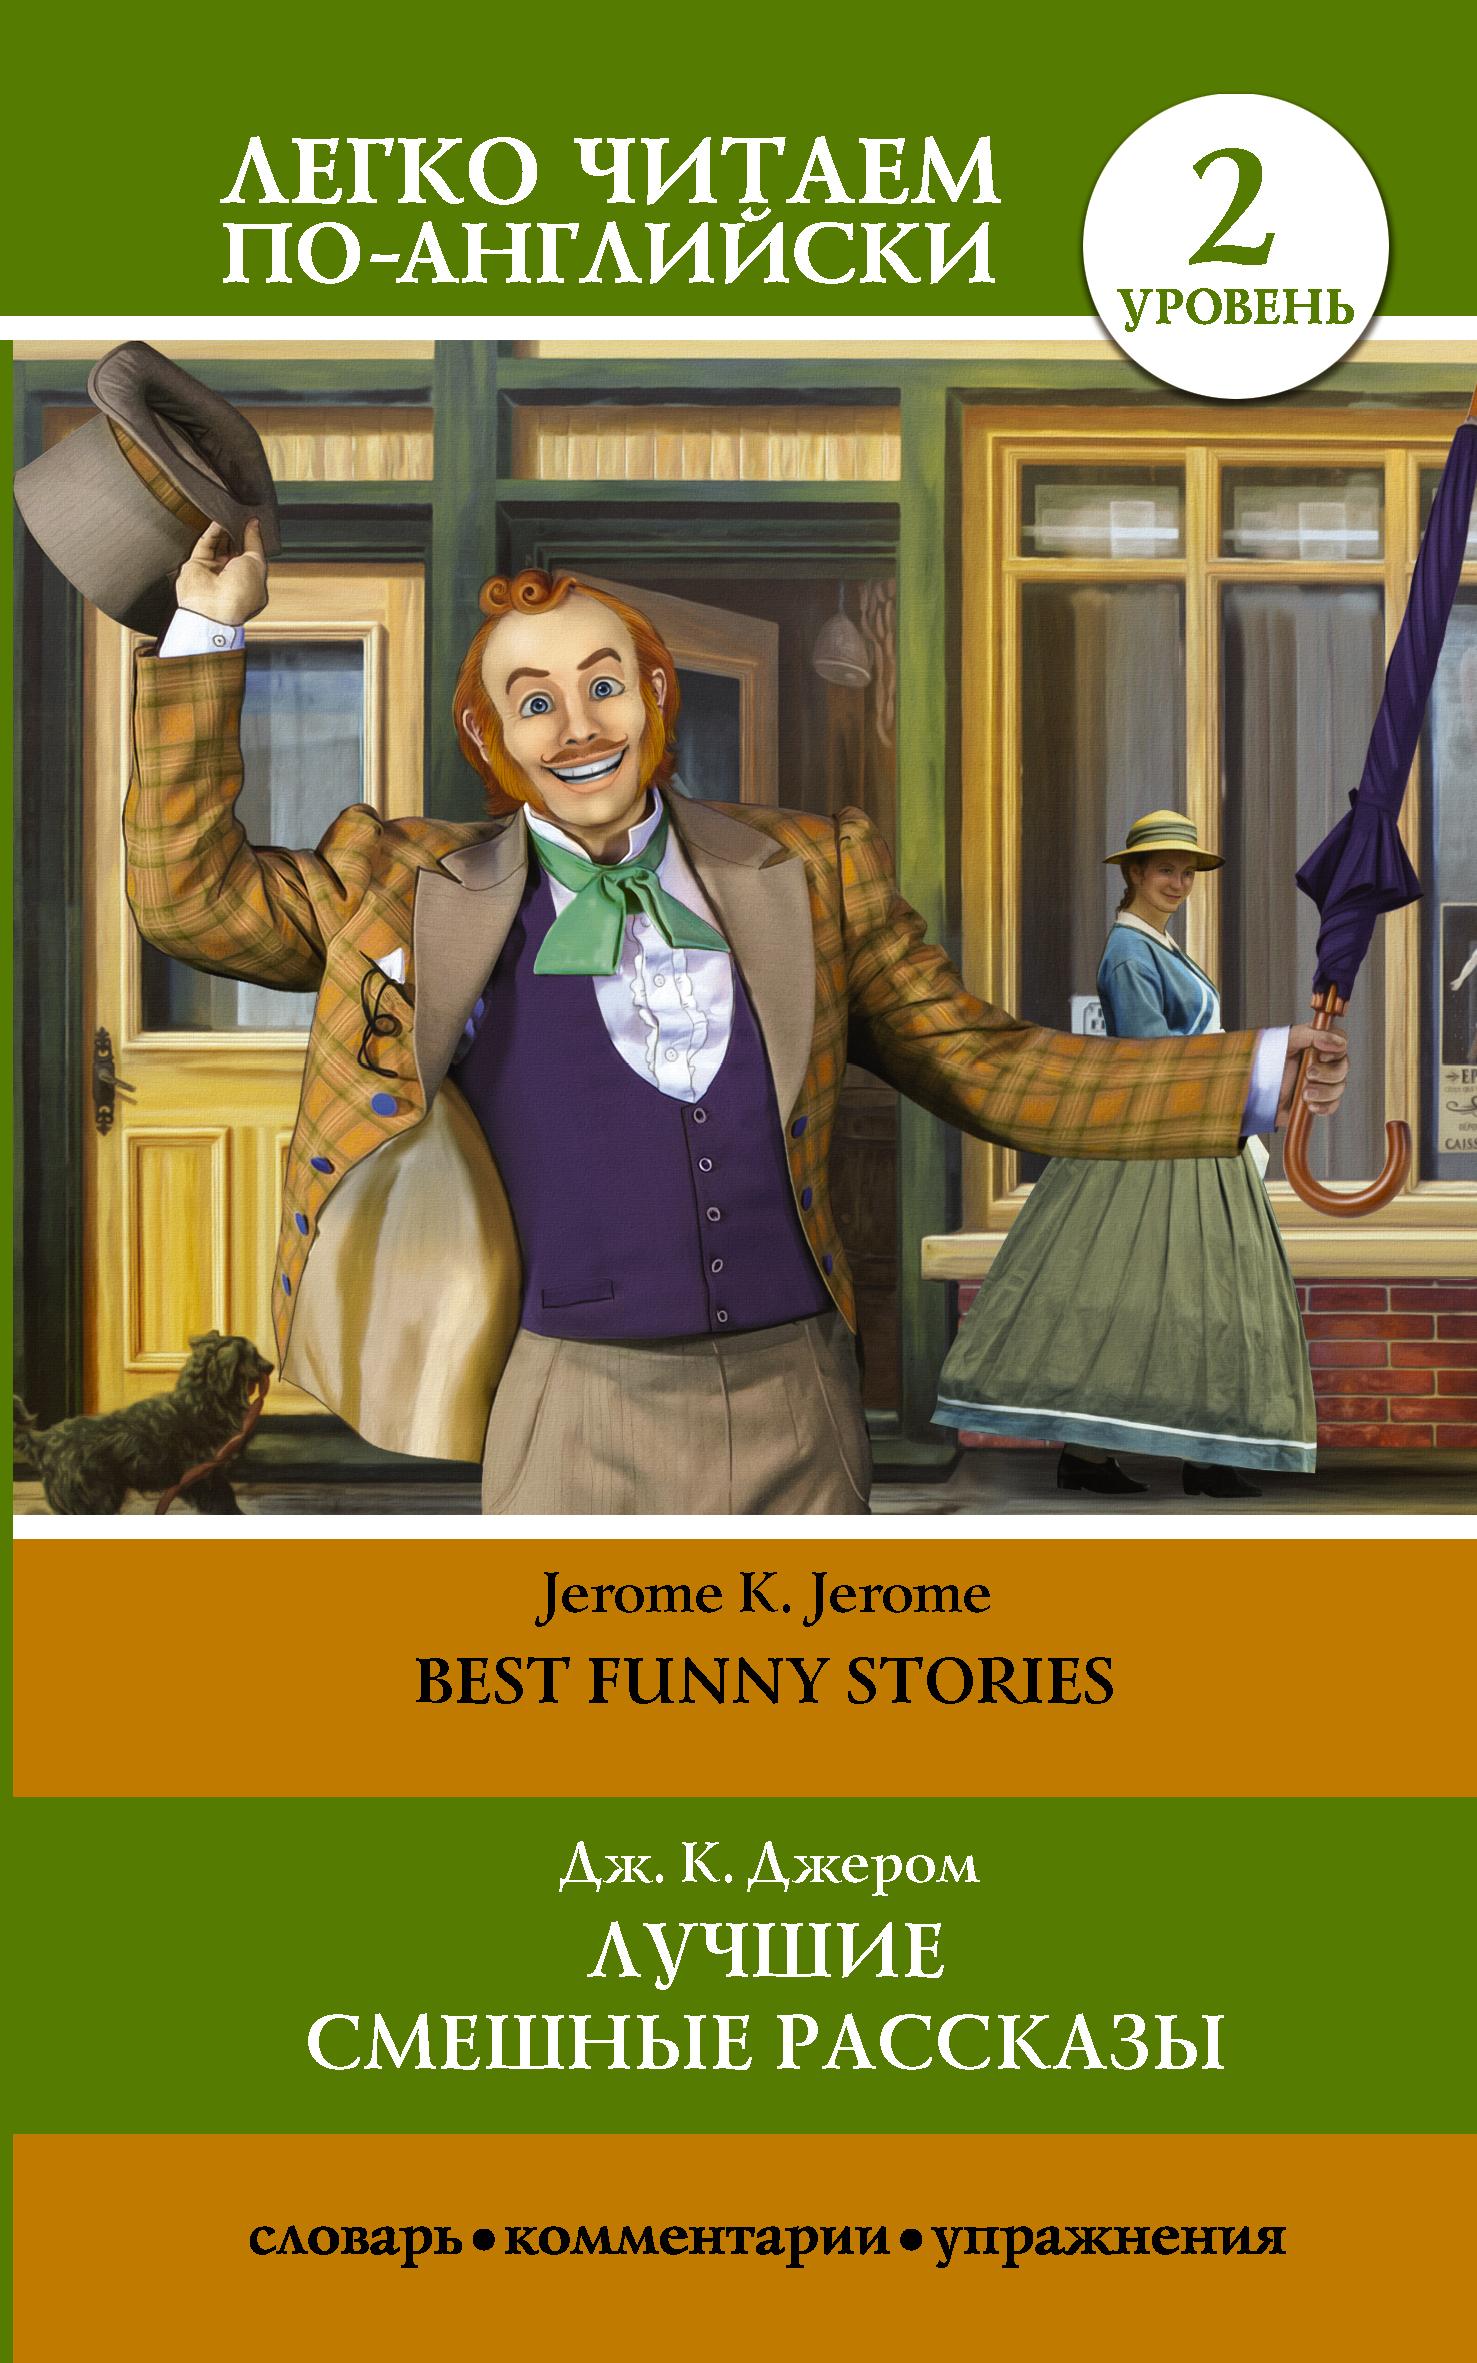 Лучшие смешные рассказы. Уровень 2